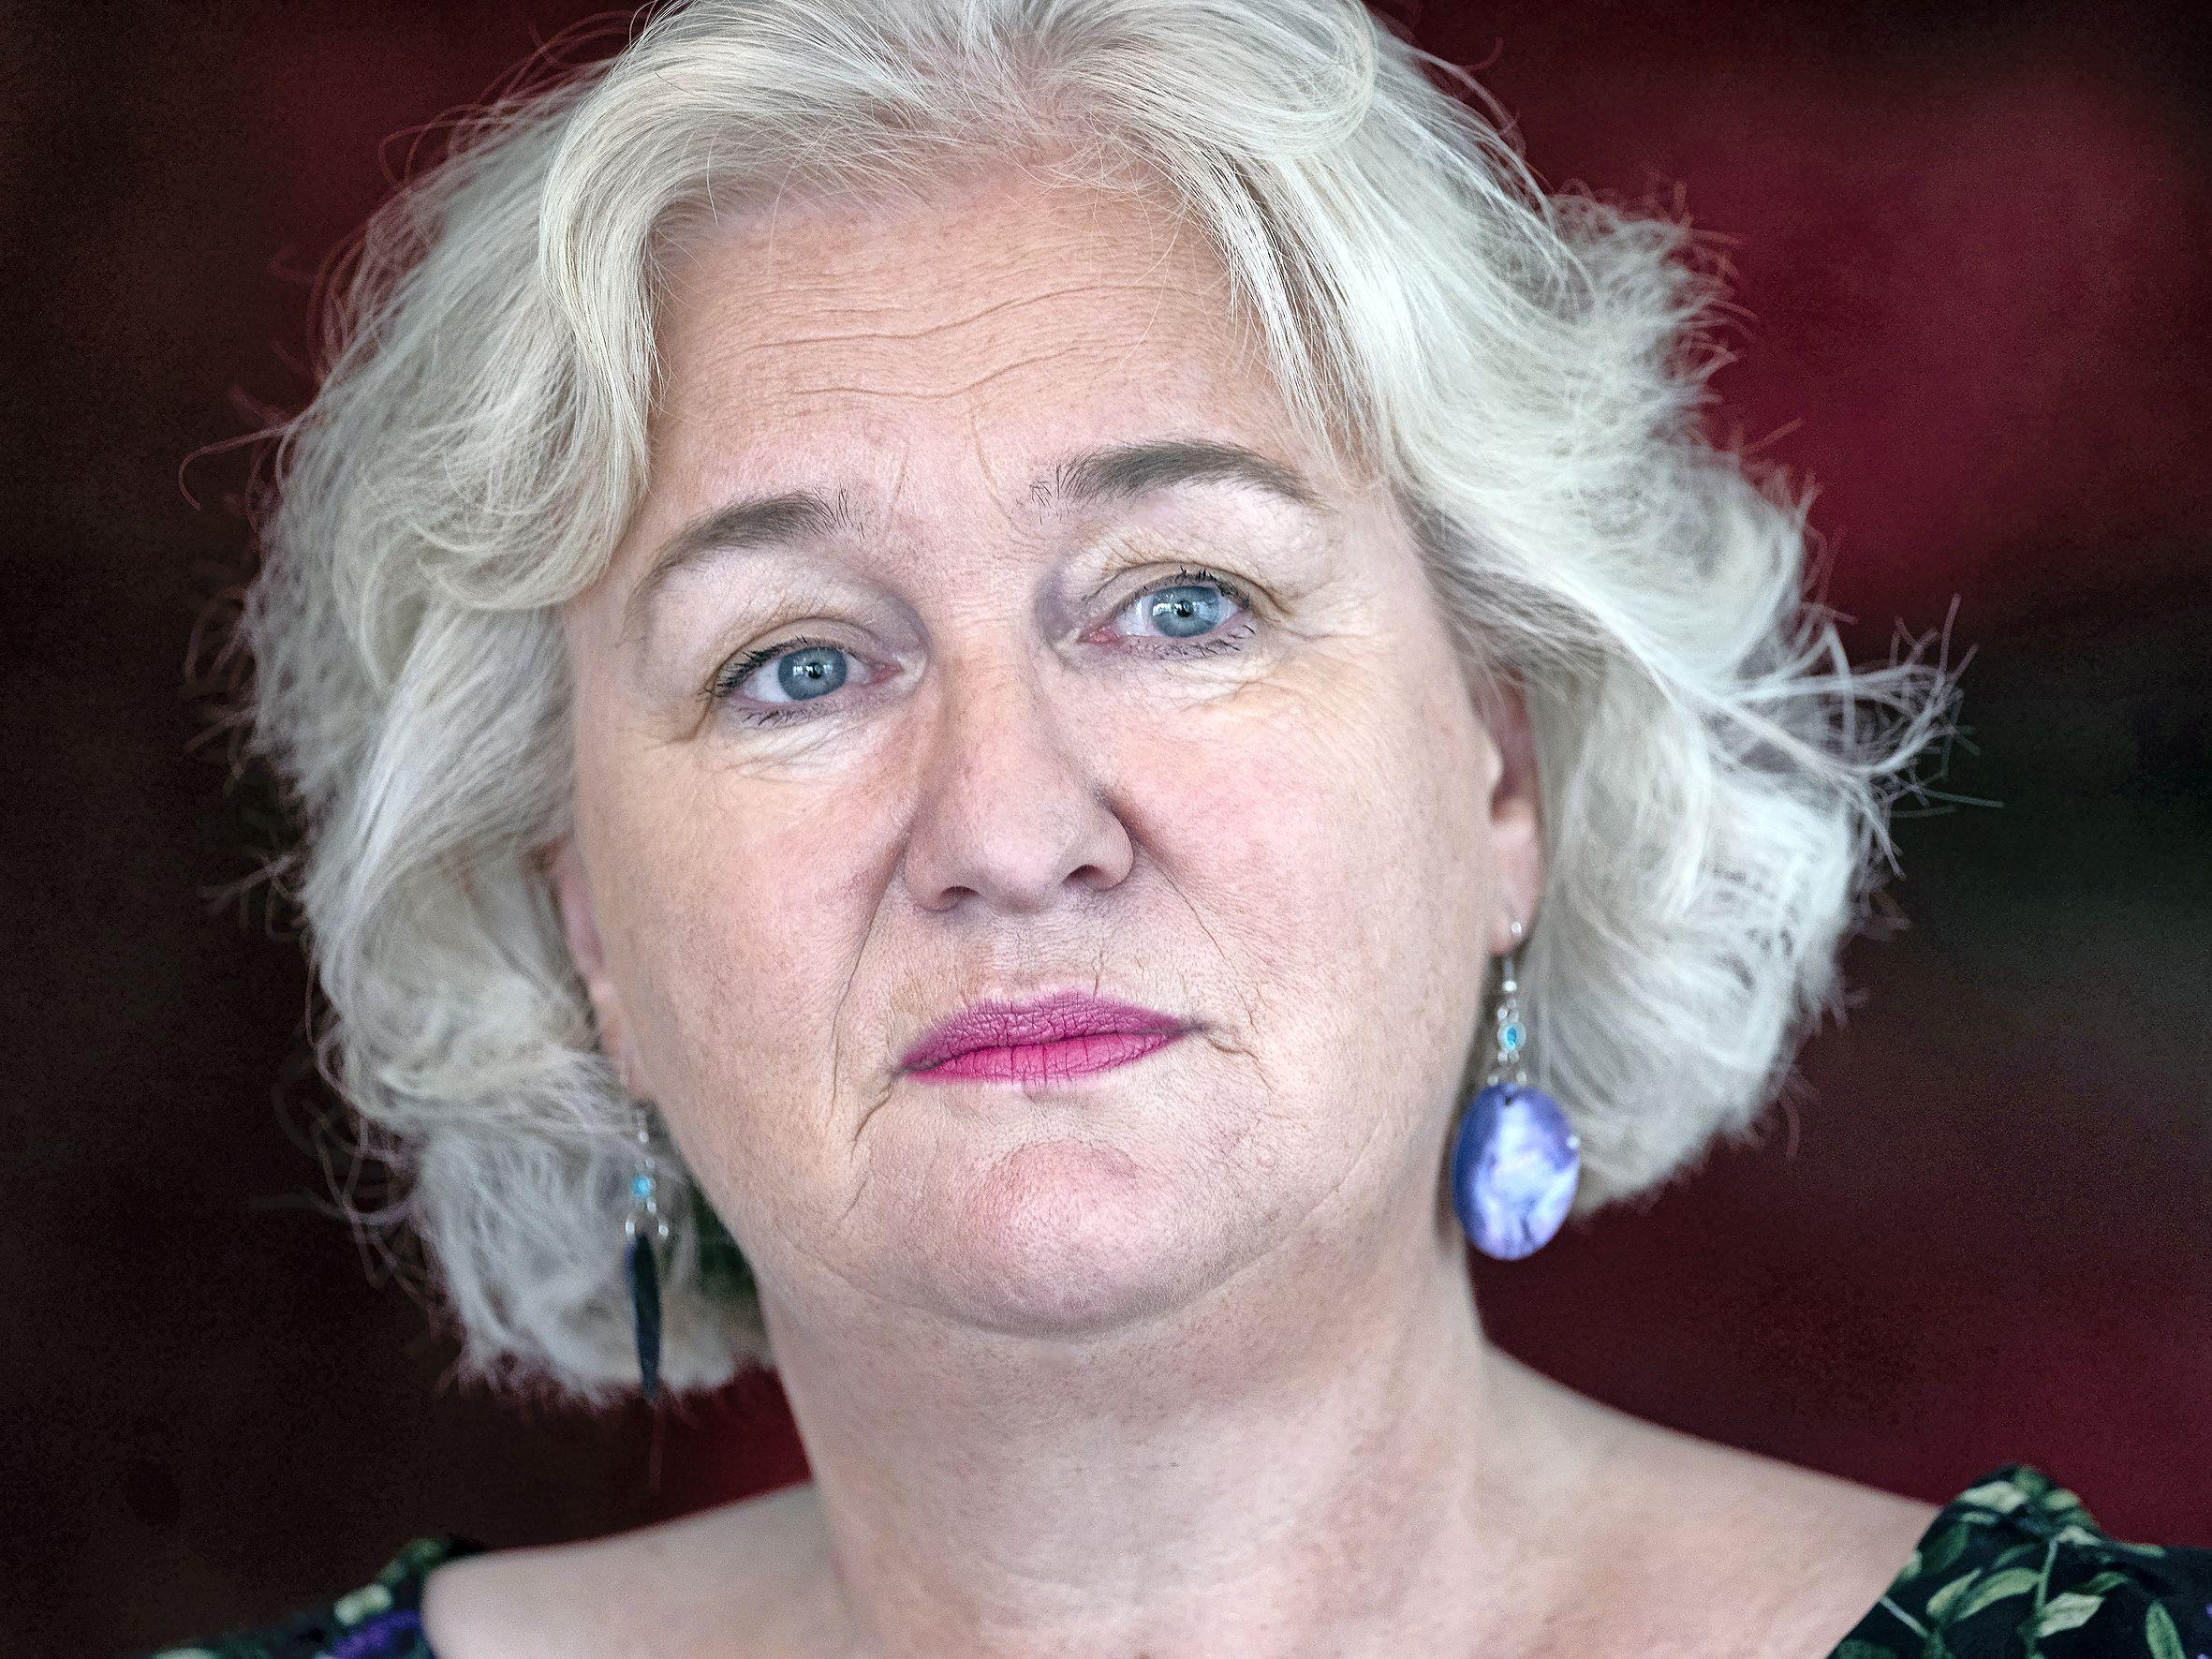 Gemengde gevoelens over legale hennepkwekerij naar Rijsenhout: 'Het dorp vraagt al jaren om maatregelen voor leefbaarheid en dan is dit het eerste besluit dat Den Haag neemt'